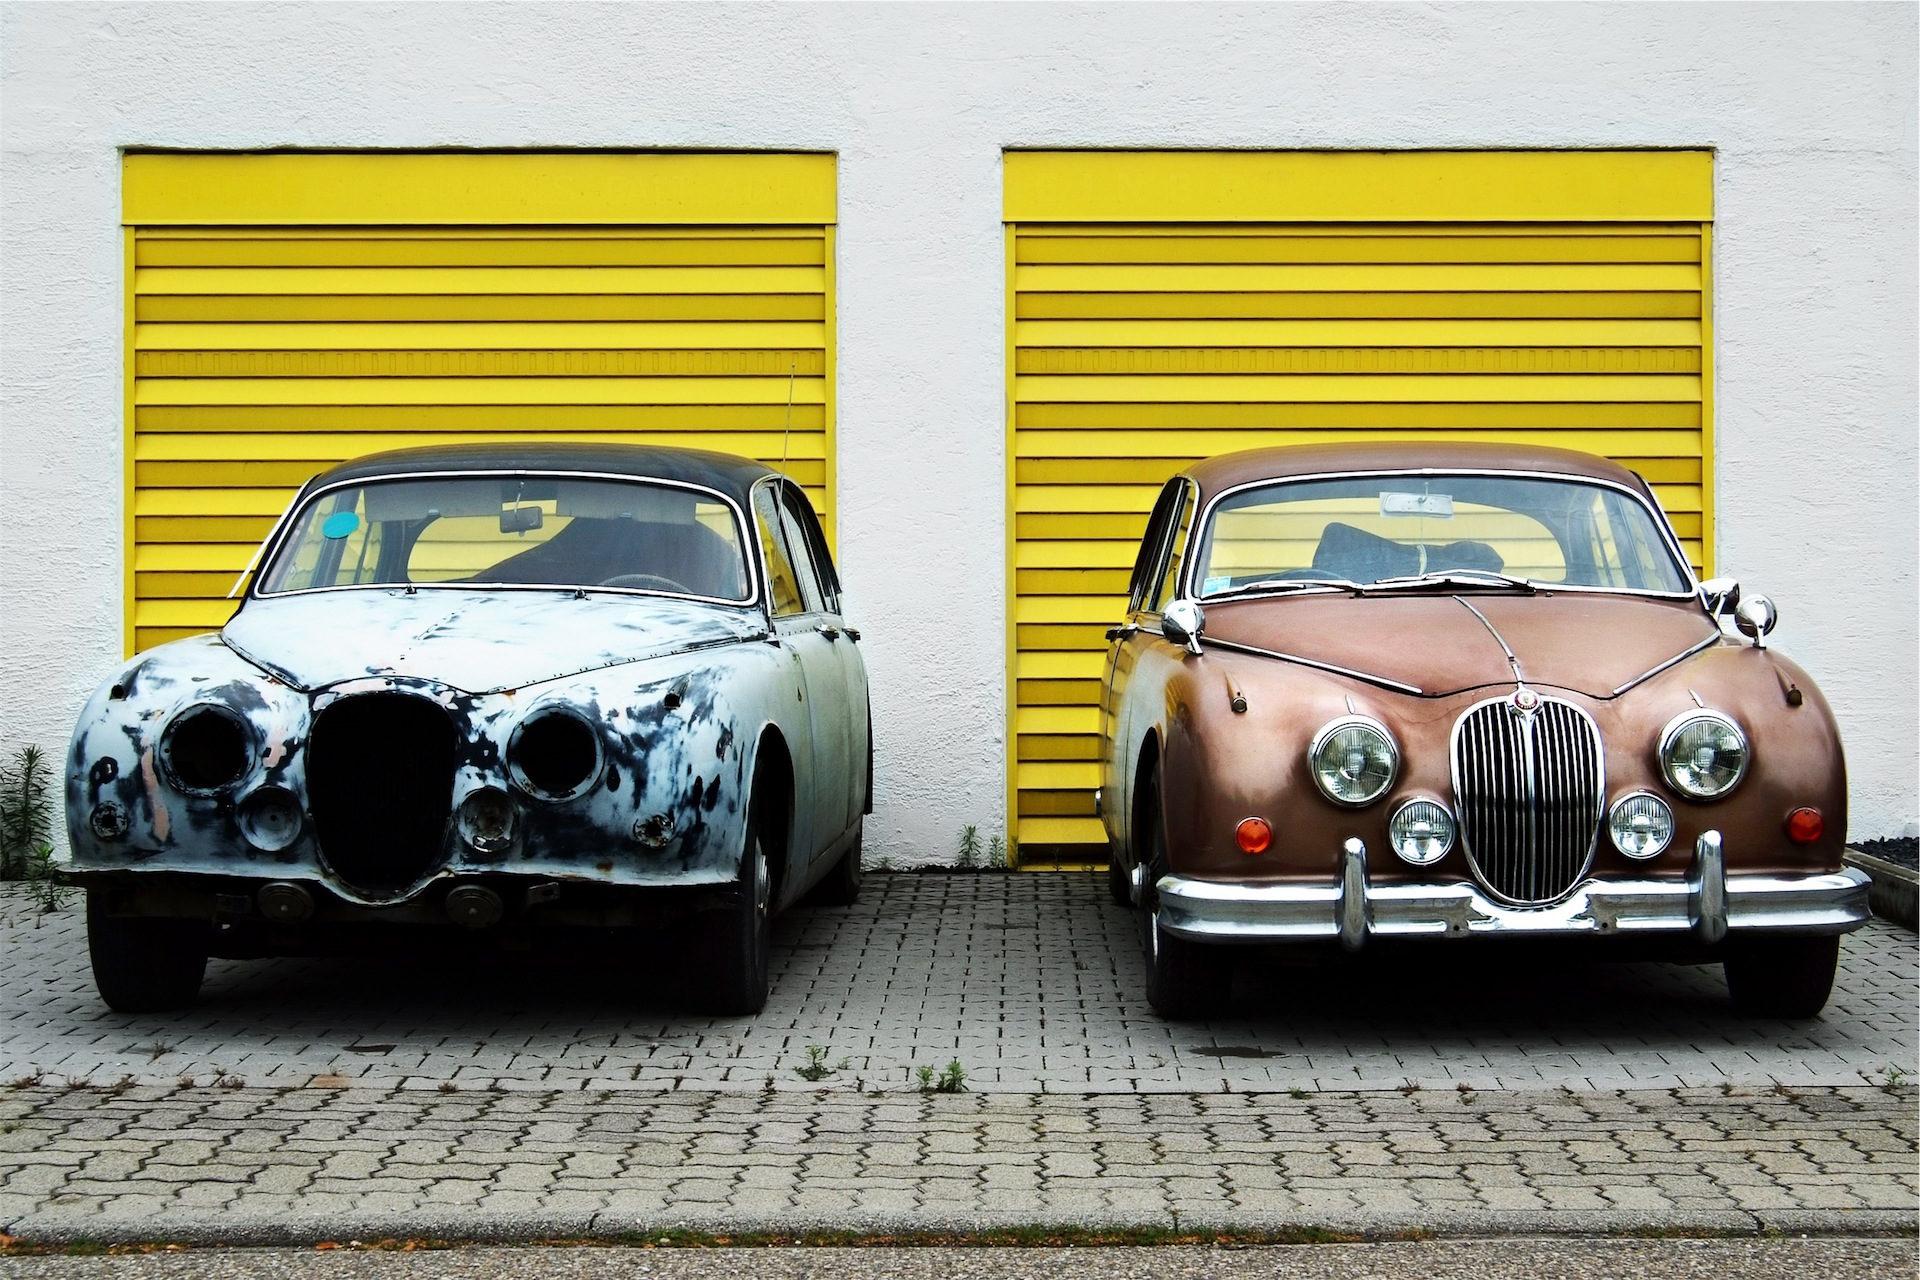 αυτοκίνητα, παλιά, ανανεώνεται, παλιάς χρονολογίας, Κλασικό - Wallpapers HD - Professor-falken.com